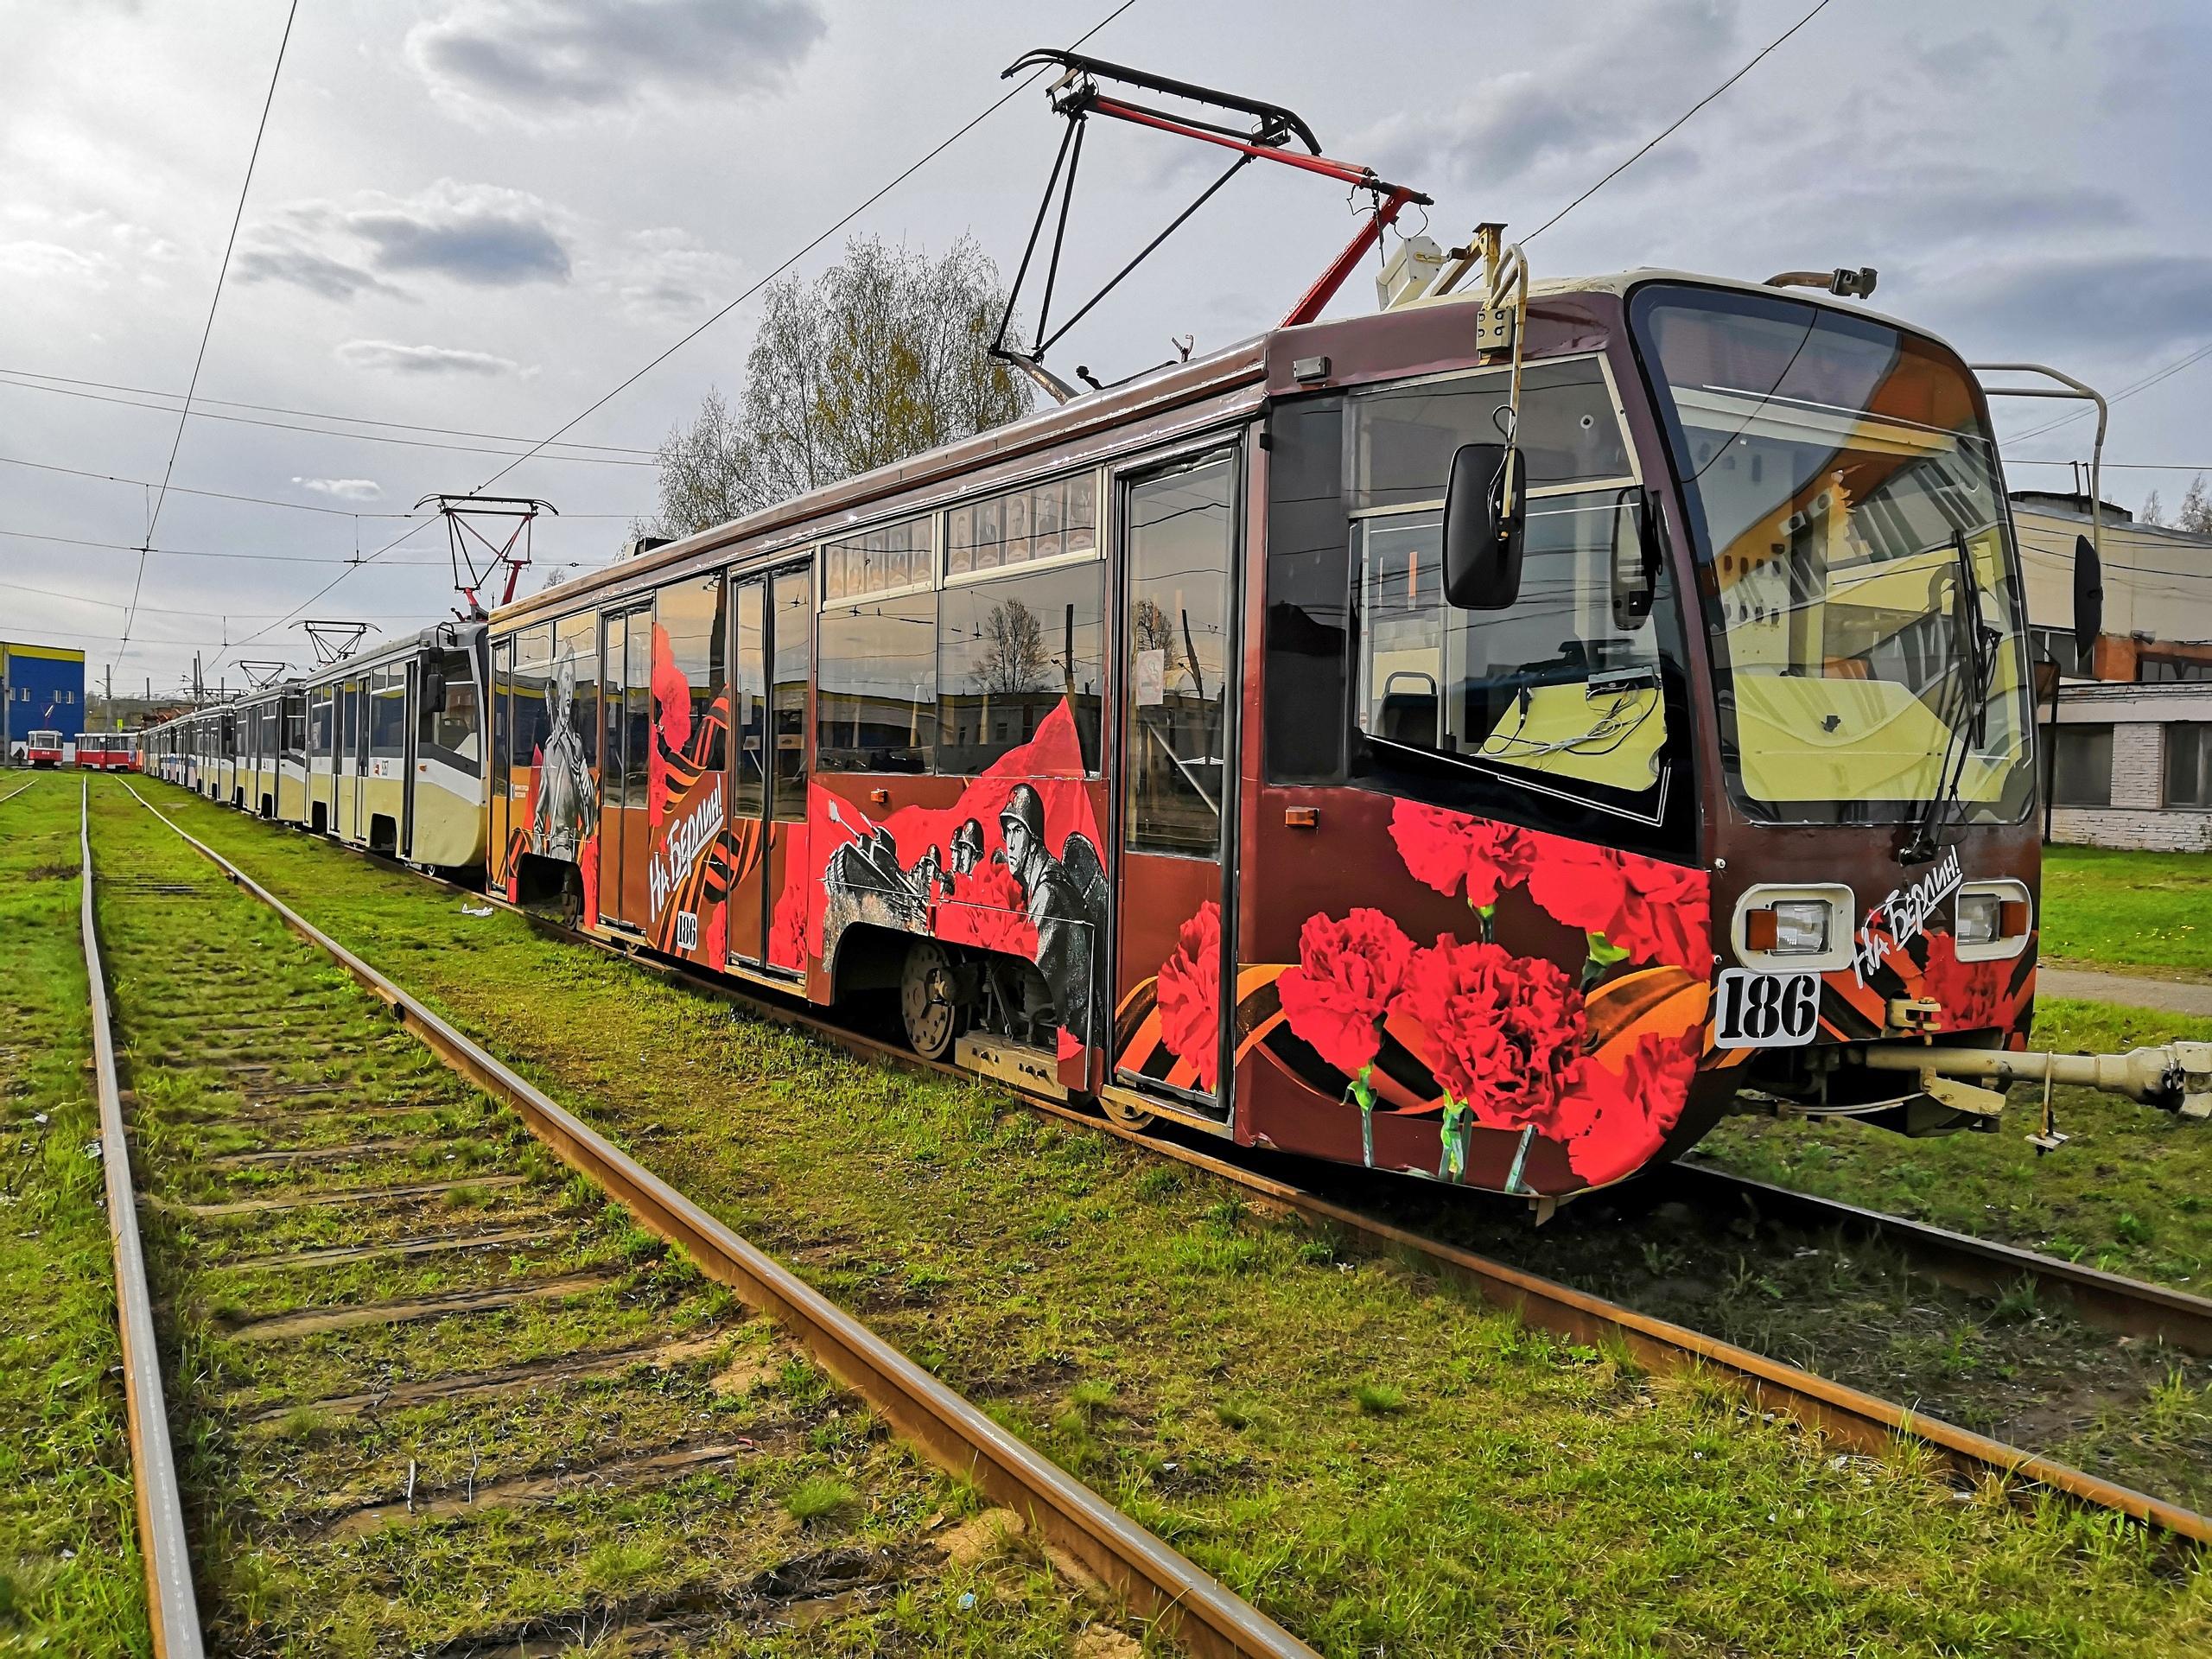 Трамвай №186. Ярославль